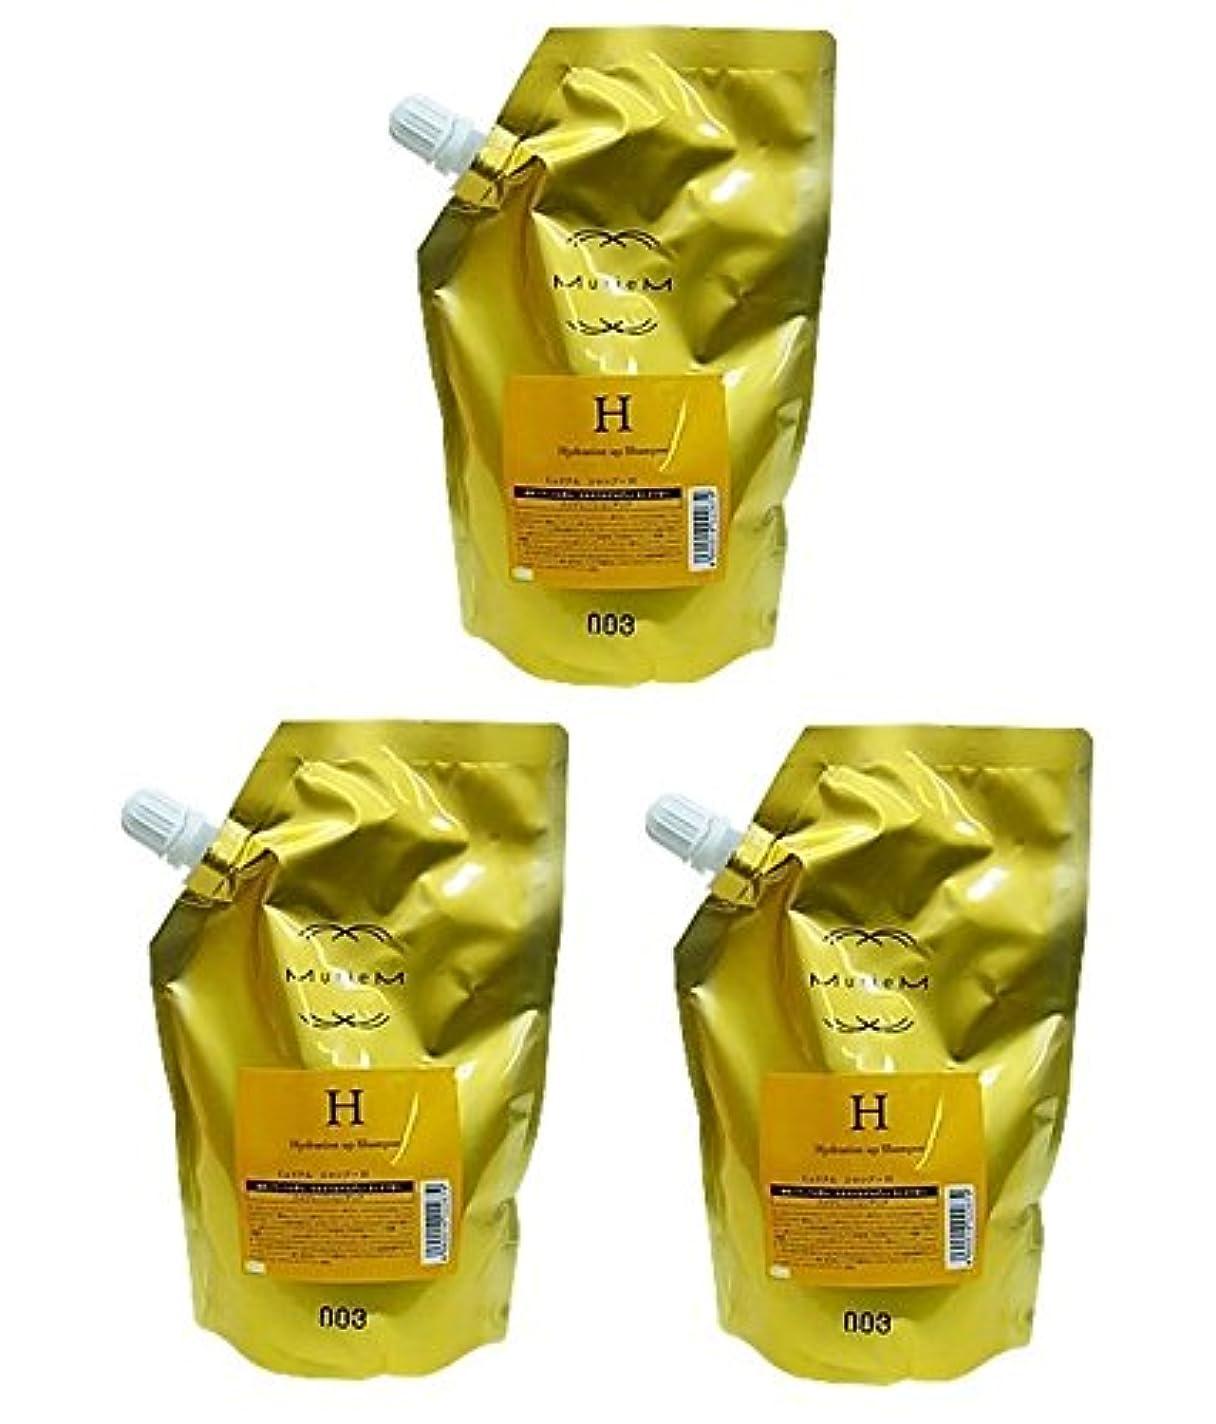 温度しないクマノミ【X3個セット】 ナンバースリー ミュリアム ゴールド シャンプー H 500ml 詰替え用